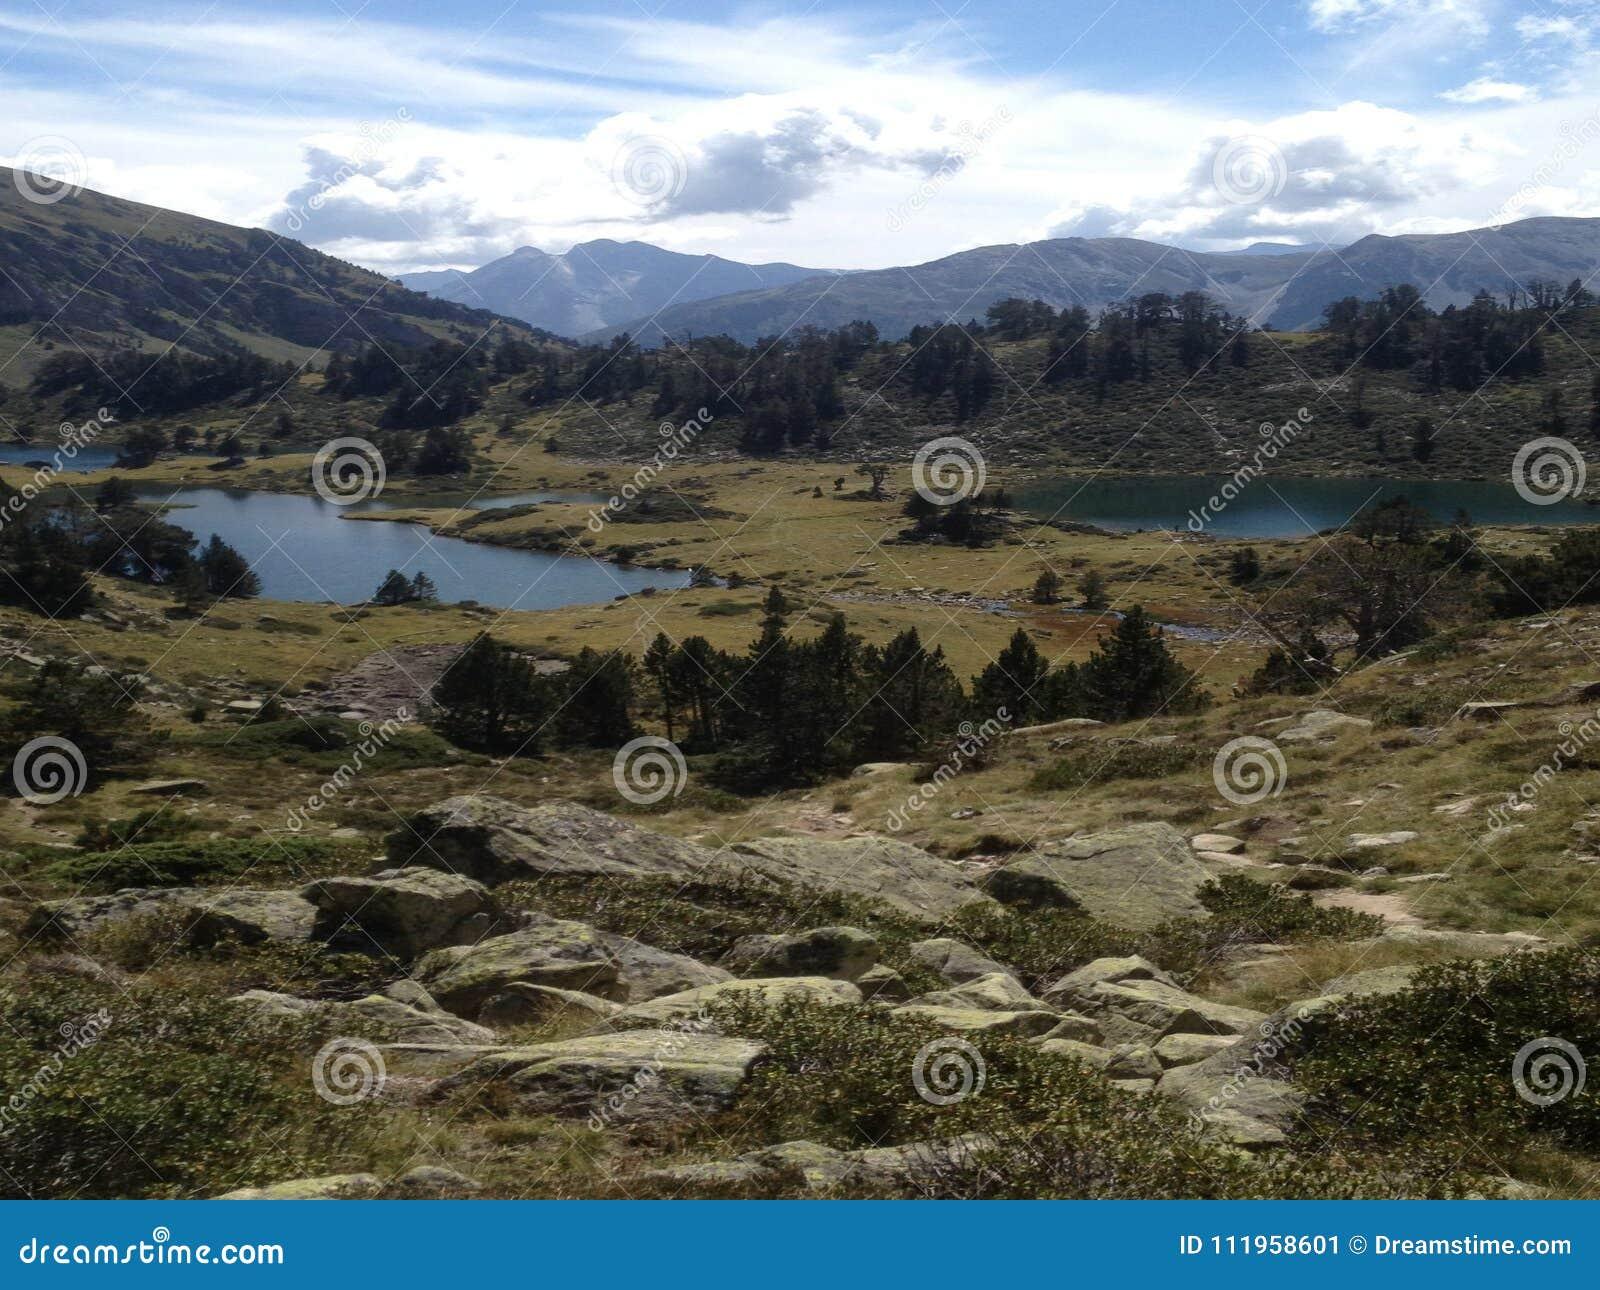 Mitten in Hochgebirge viewsight von drei Seen in der Reserve hohen Pyrenäen-neouvielle Frankreich,